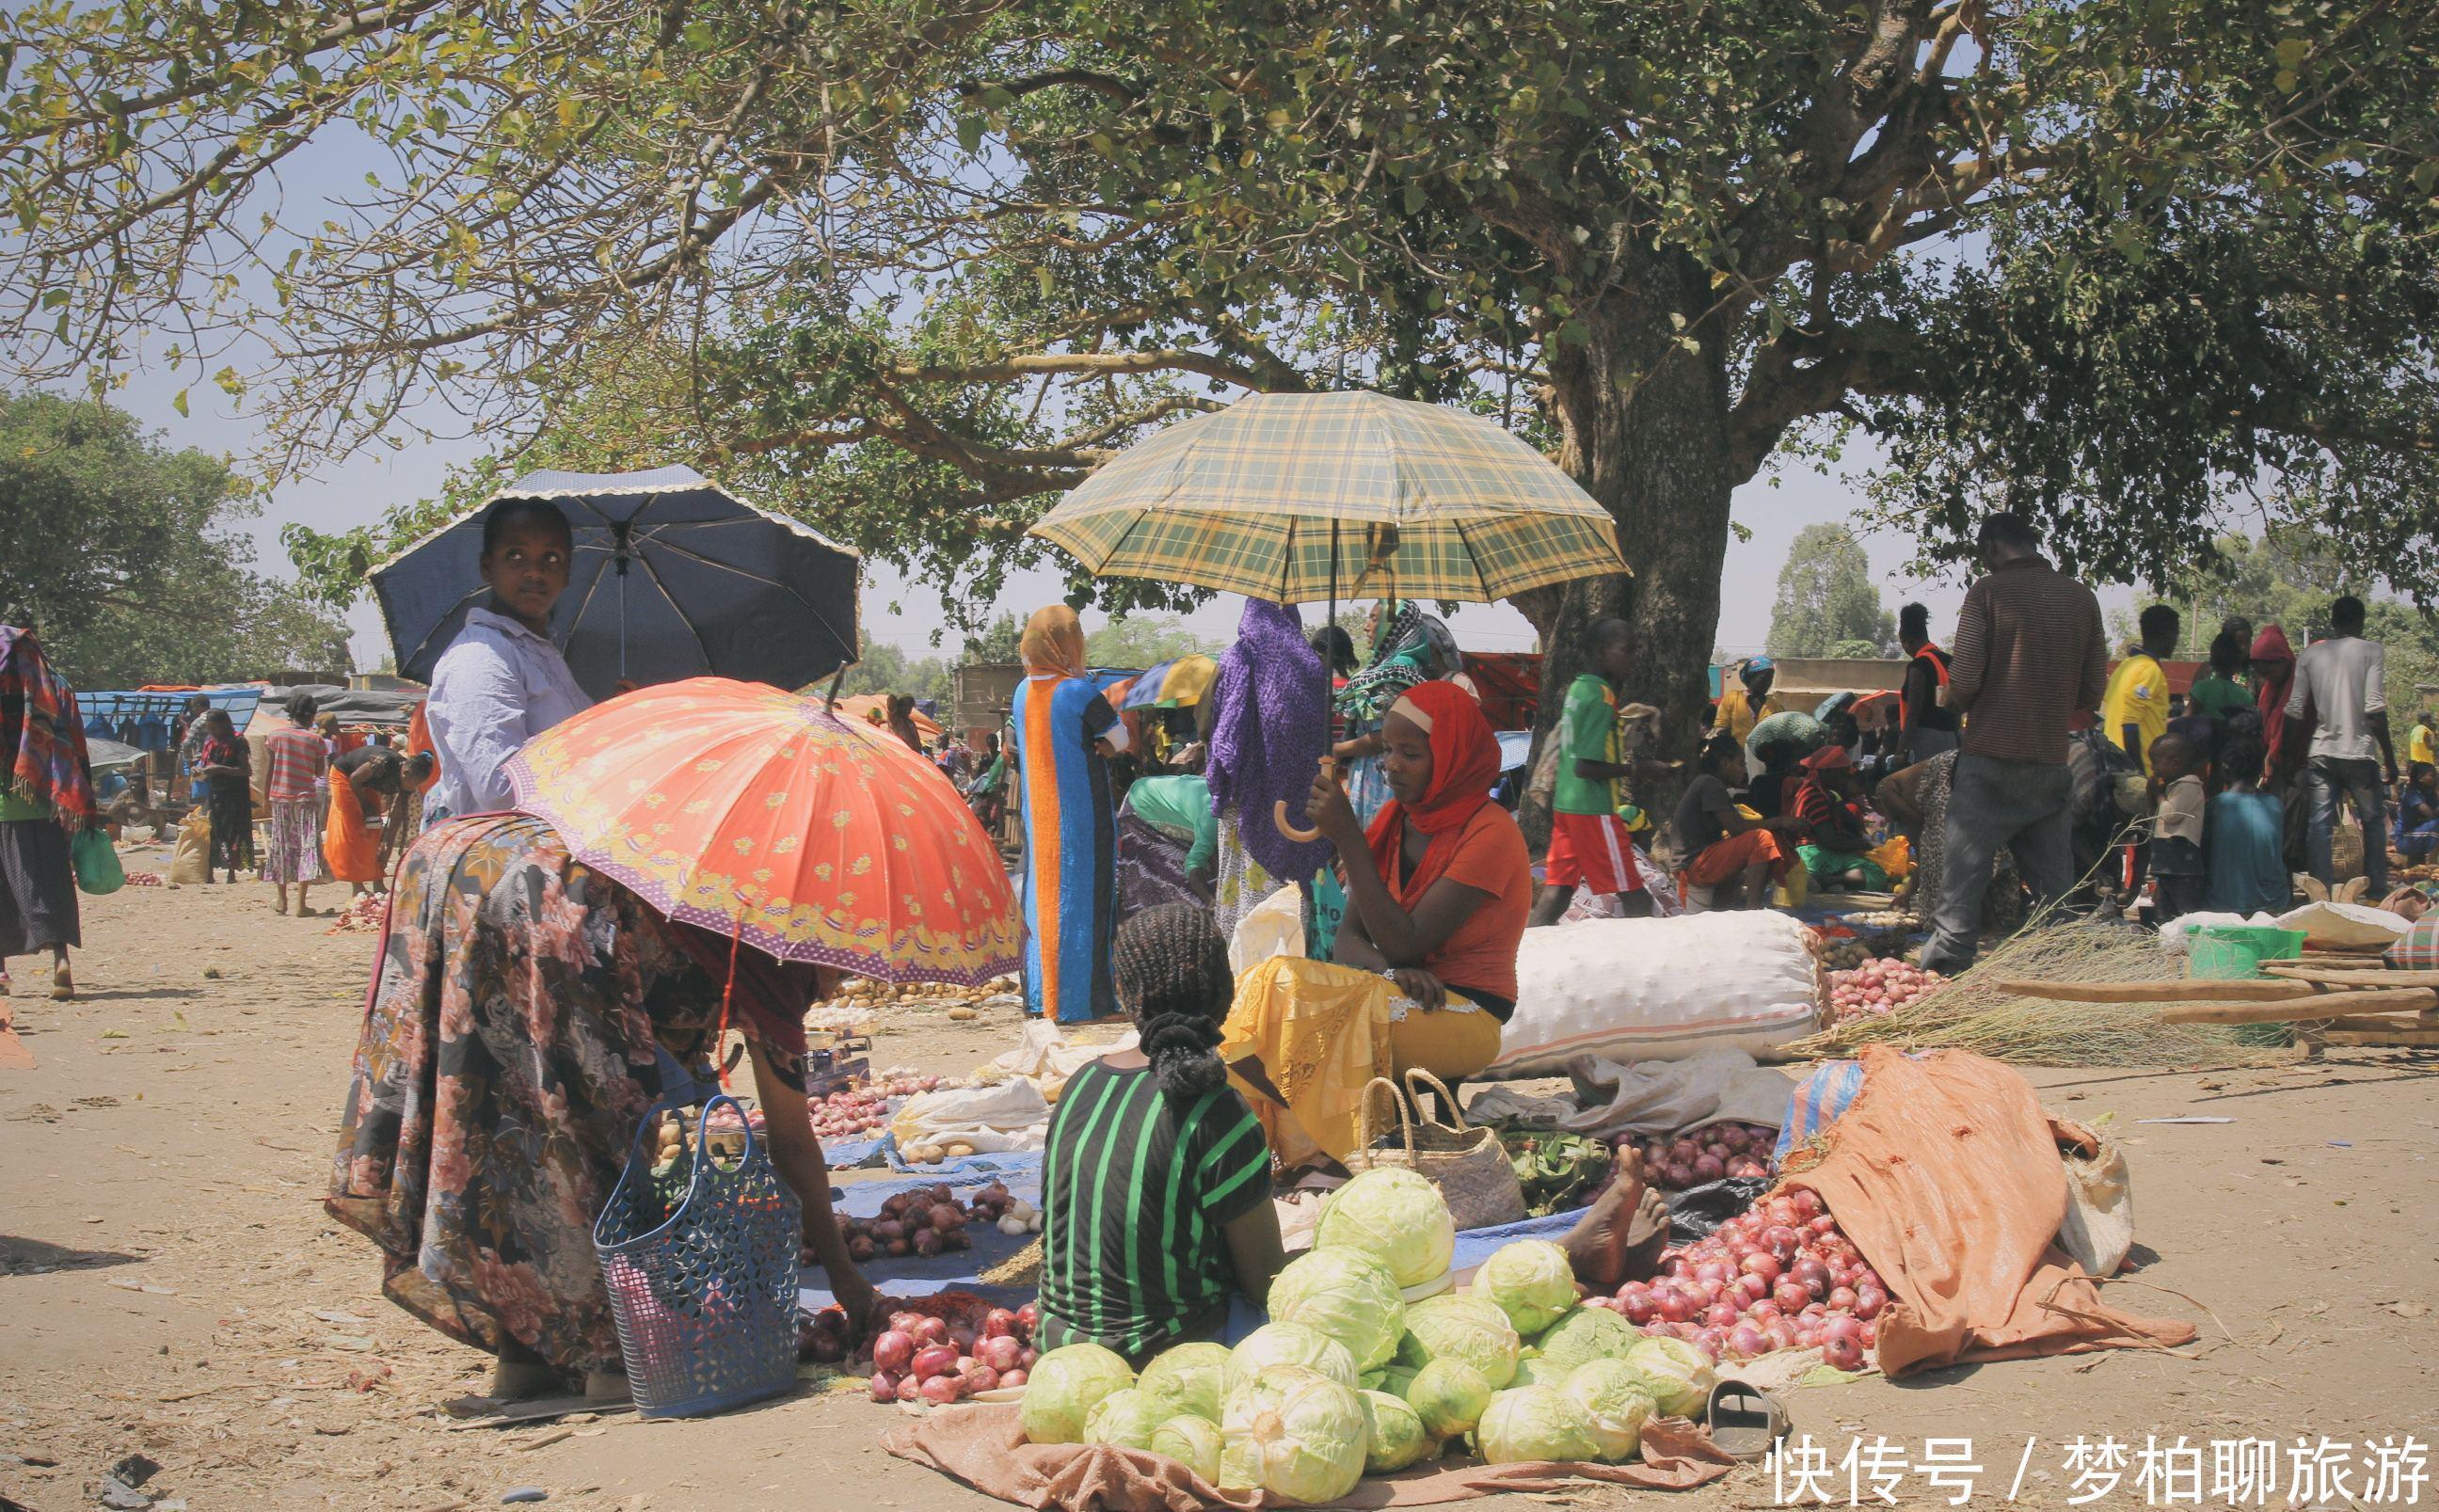 华人与非洲女子结婚后为何不带妻子回国呢当地人:留下比较好!